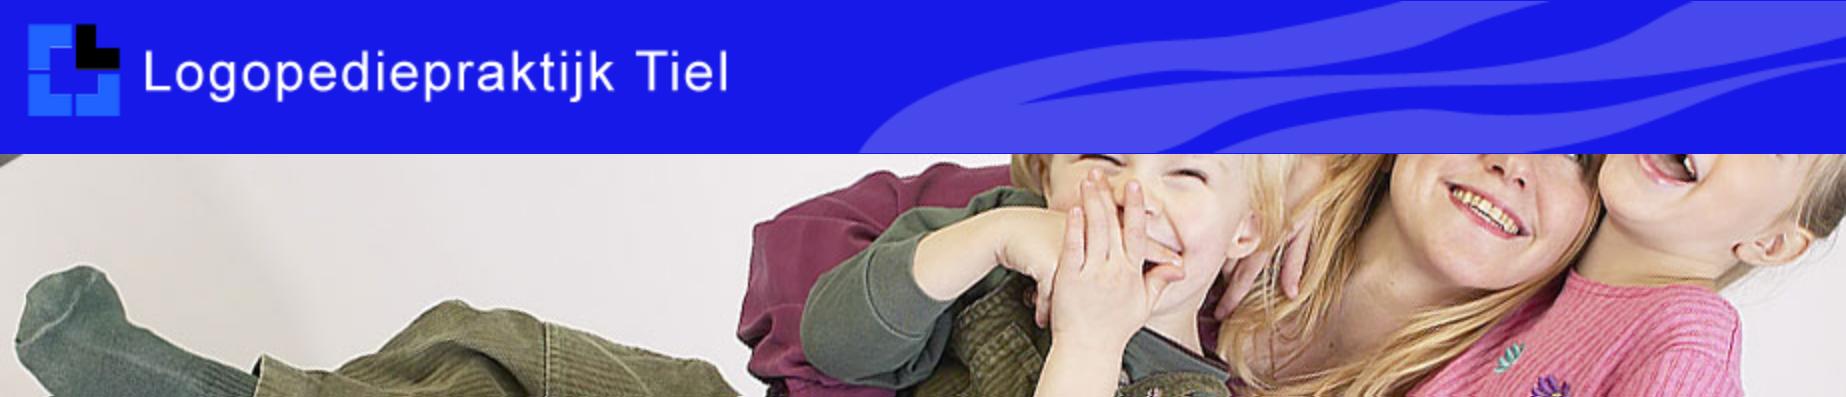 Logopedie- en Dyslexiepraktijk Tiel